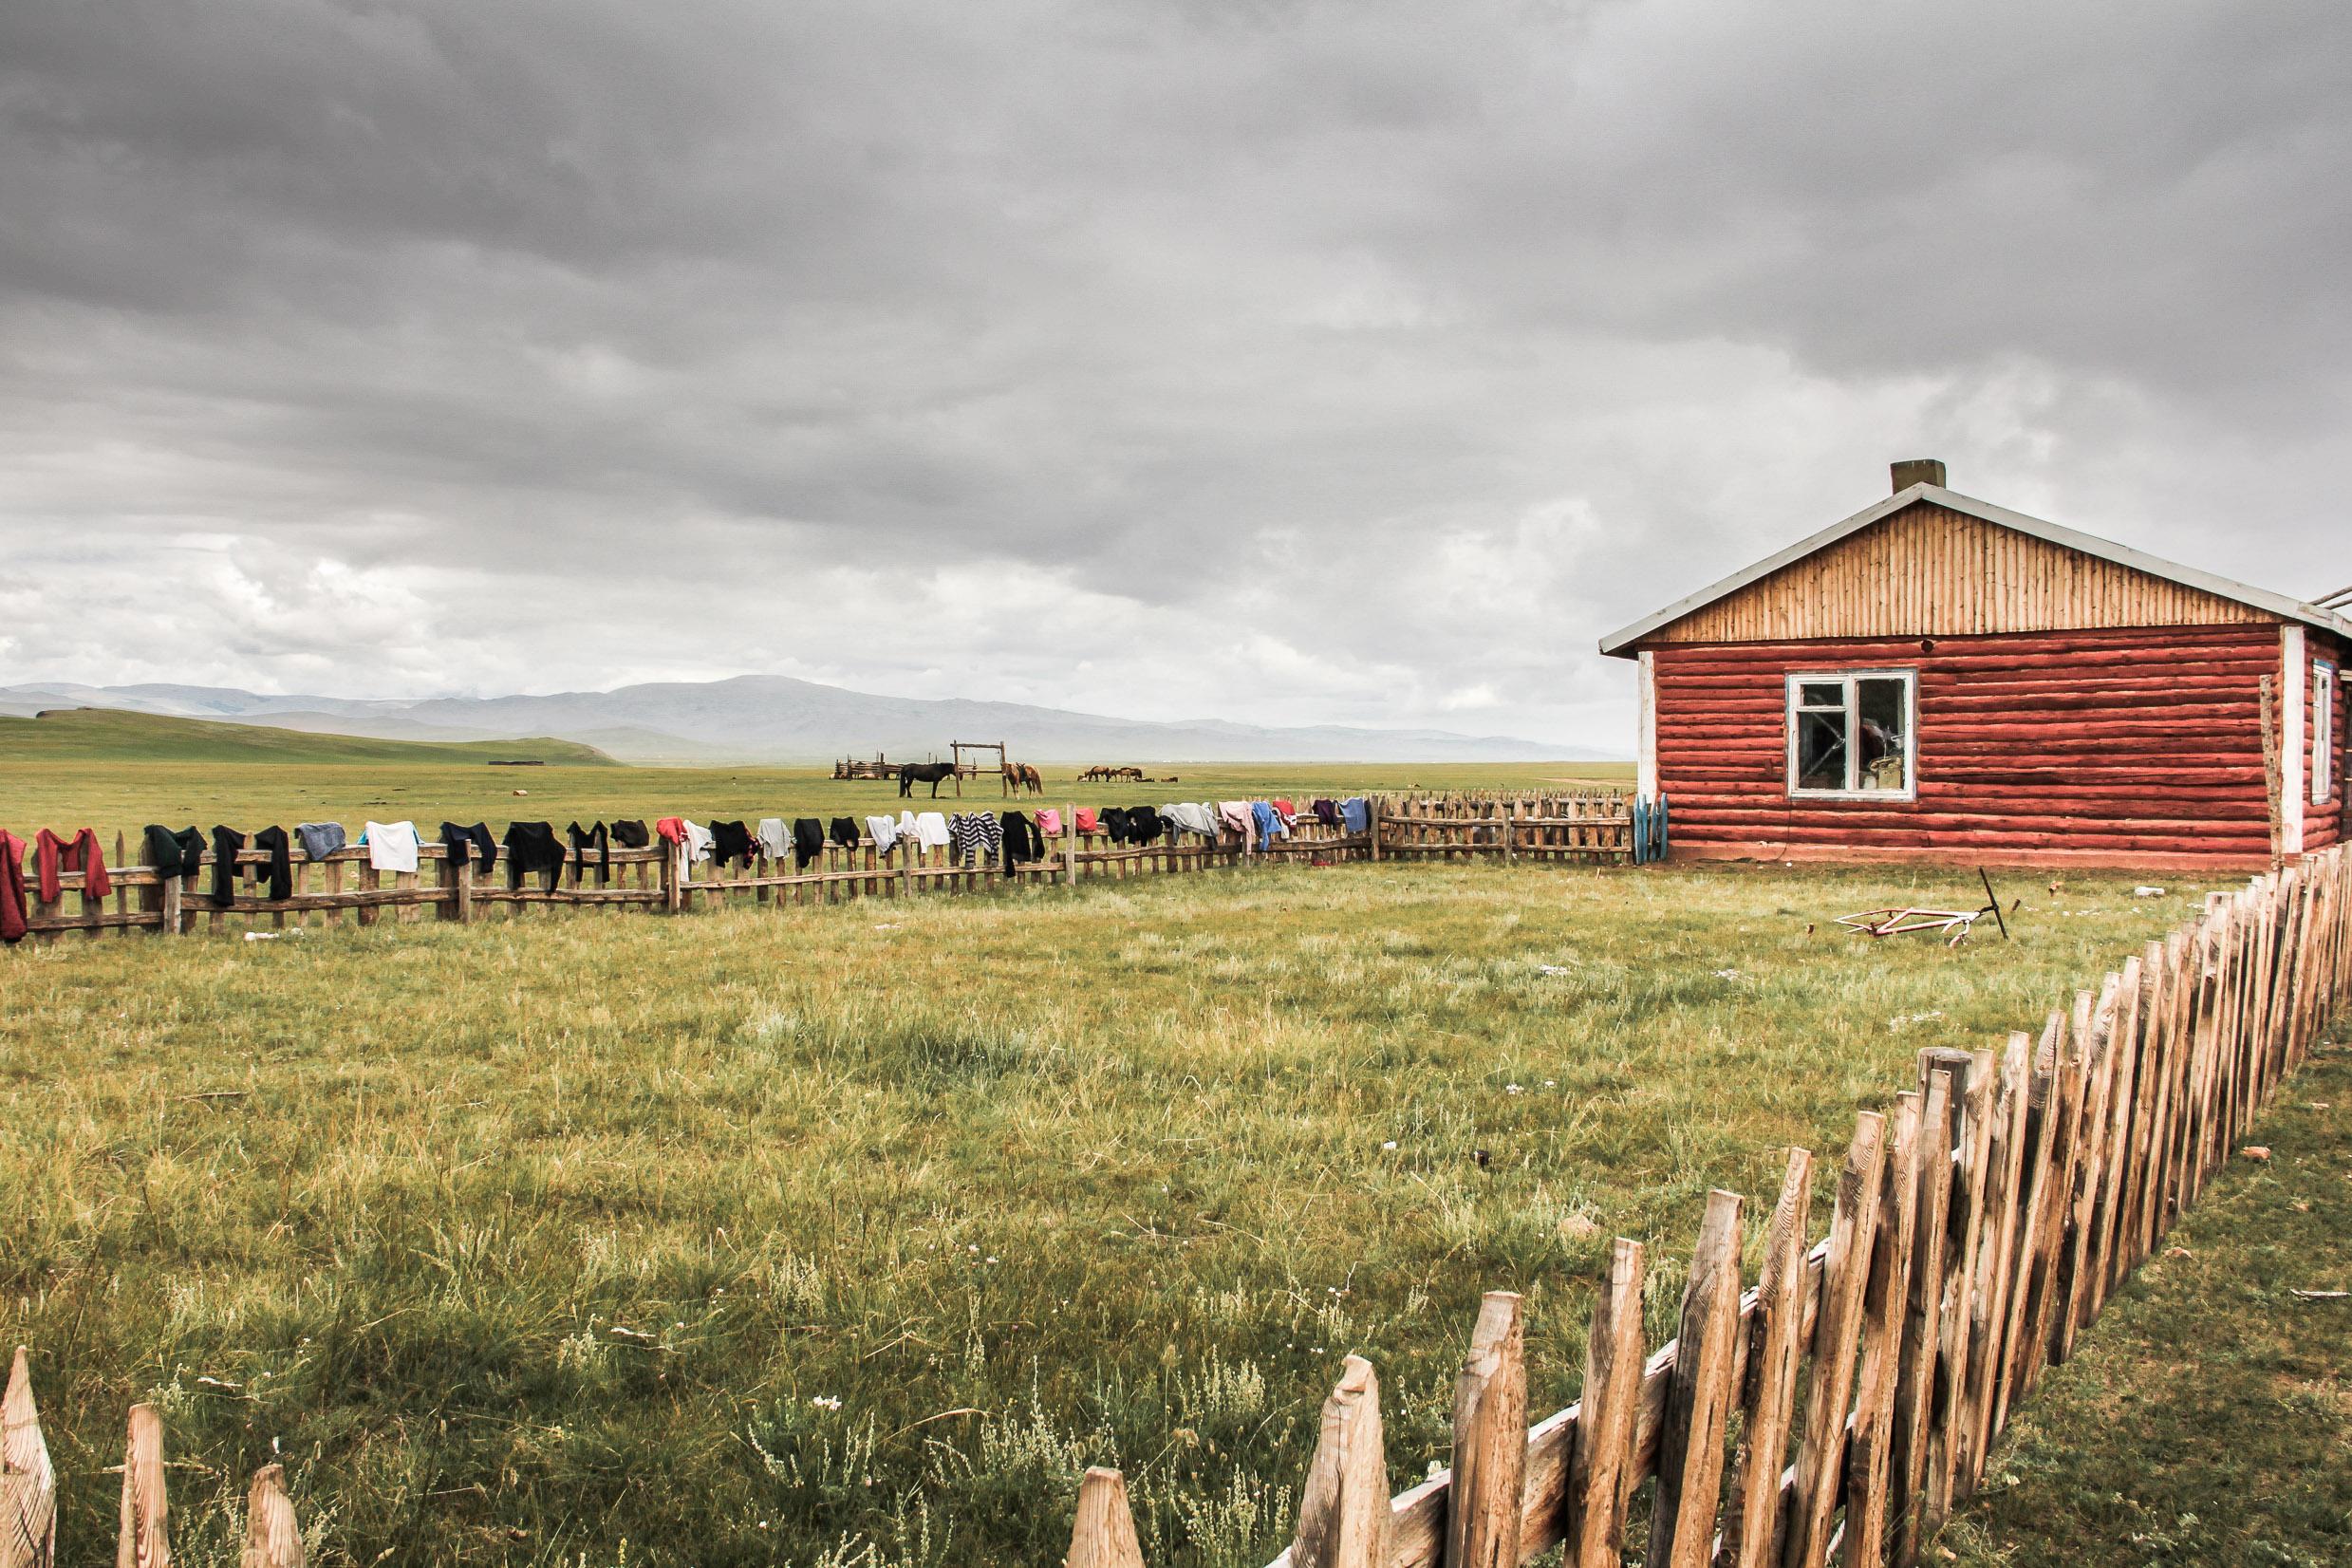 Maison dans une plaine en Mongolie